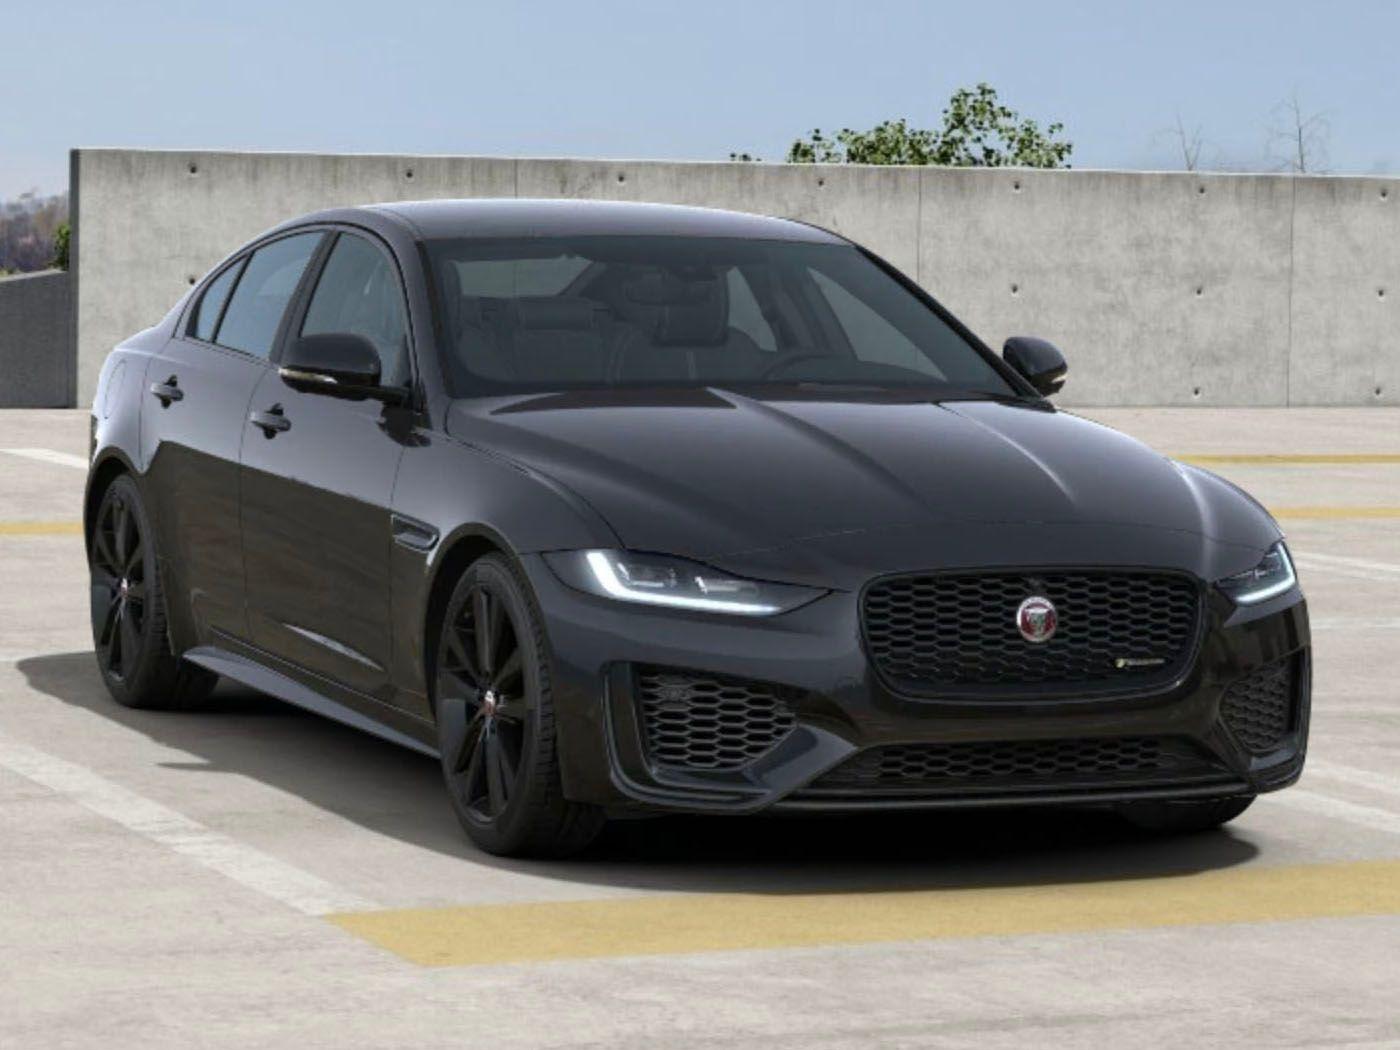 Black Jaguar Xe Used Cars For Sale Autotrader Uk